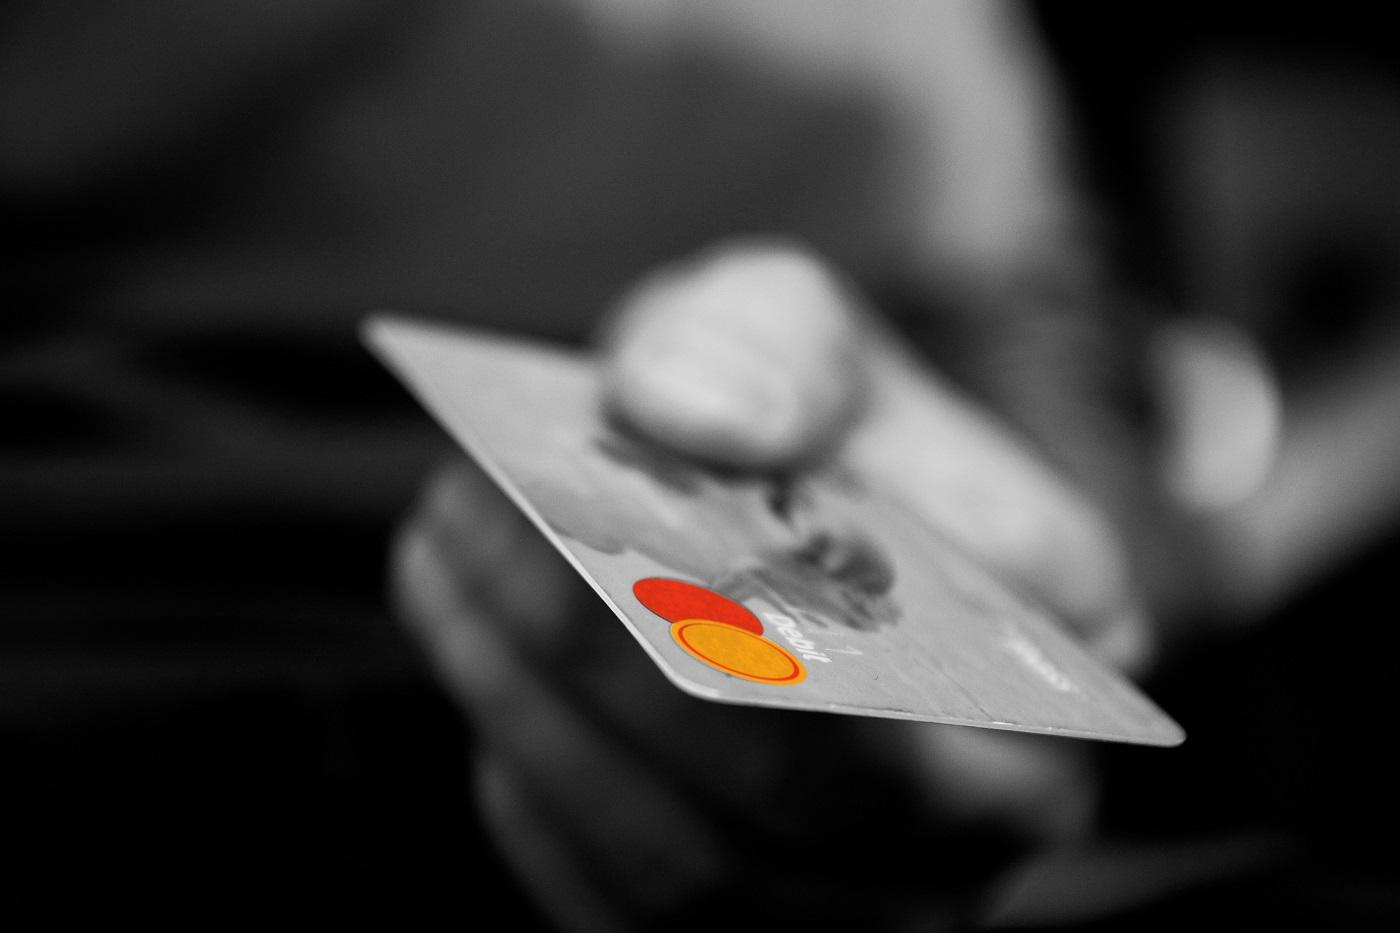 Cartão de crédito (Foto: PxHere)